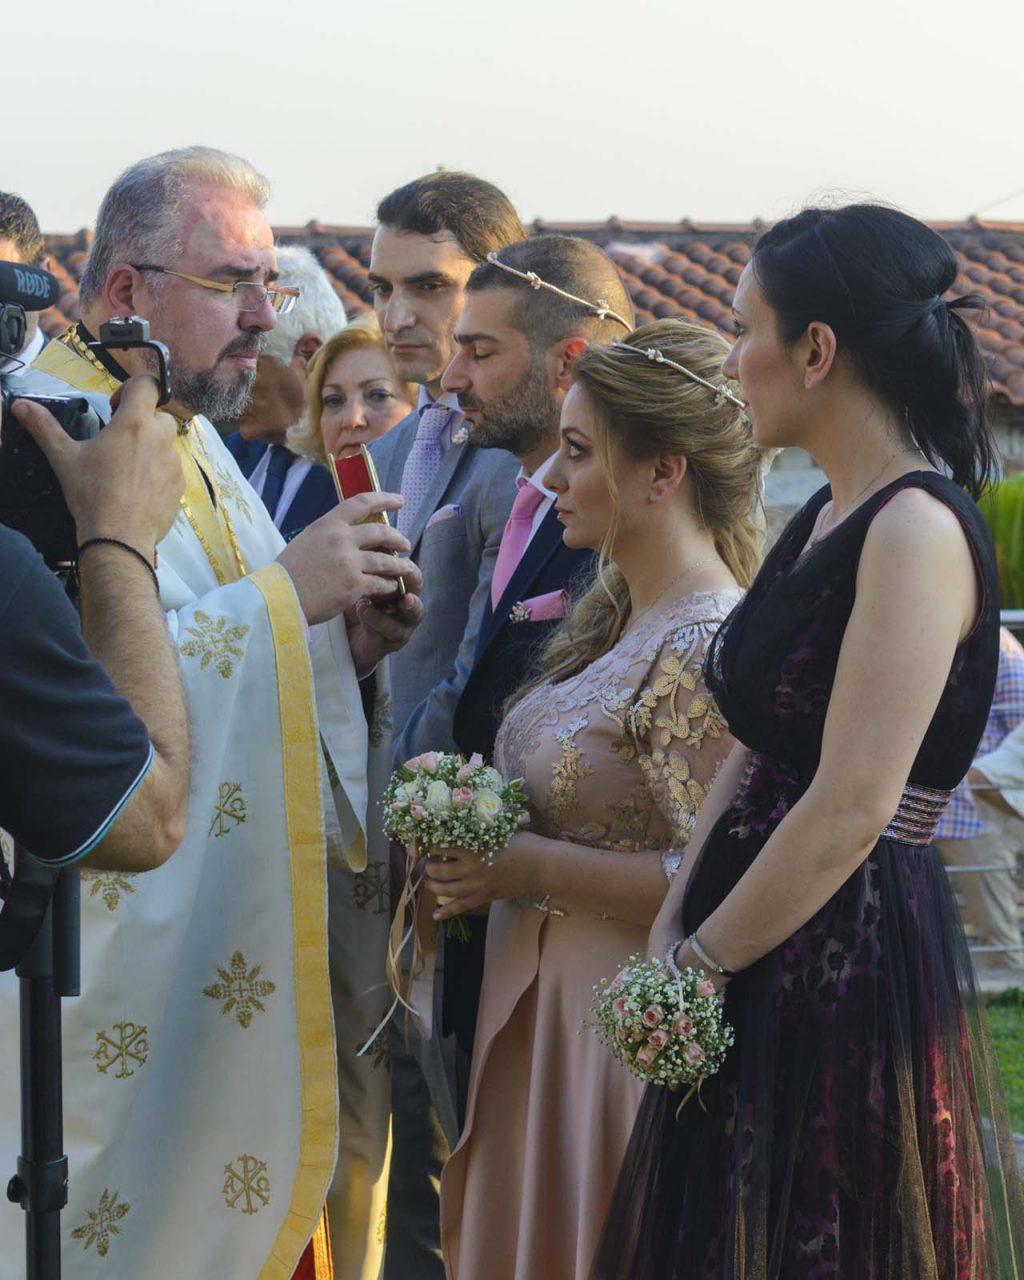 Στιγμιότυπα από τον γάμο στο Βήμα Παντοκράτορος